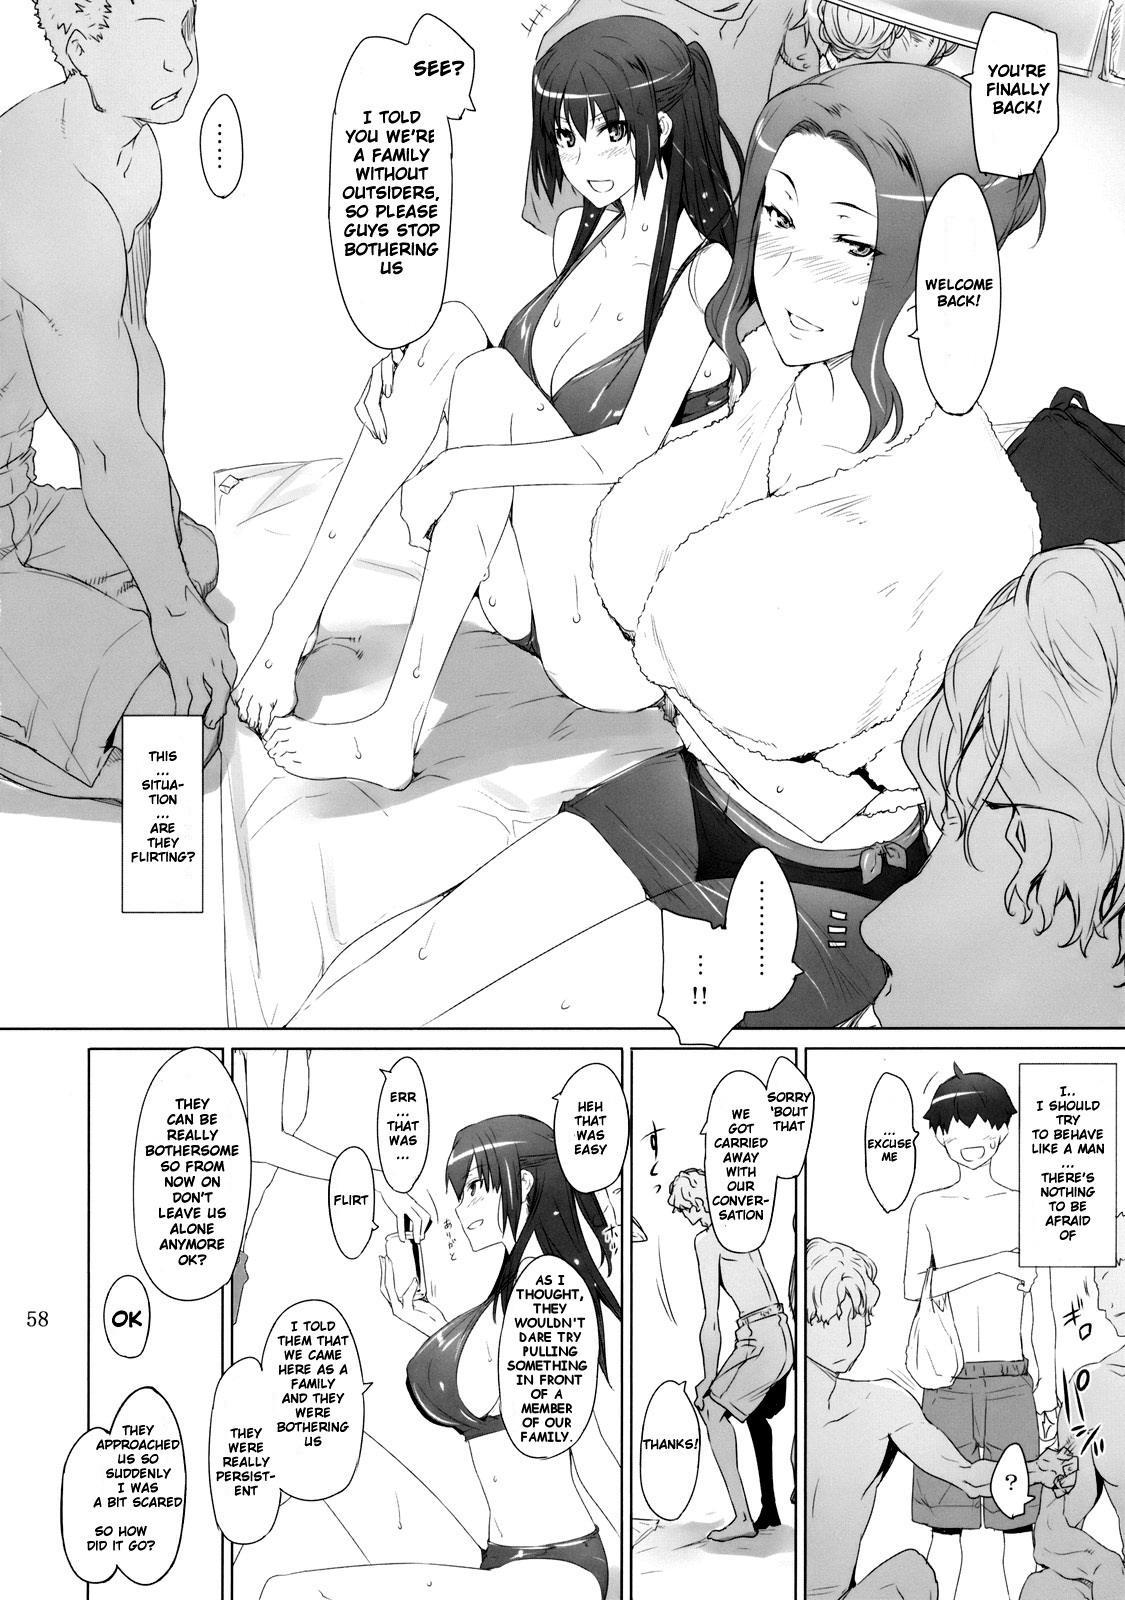 (C81) [MTSP (Jin)] Tachibana-san-chi no Dansei Jijou | Tachibana-san's Circumstances With a Man [English] {doujin-moe.us} 56